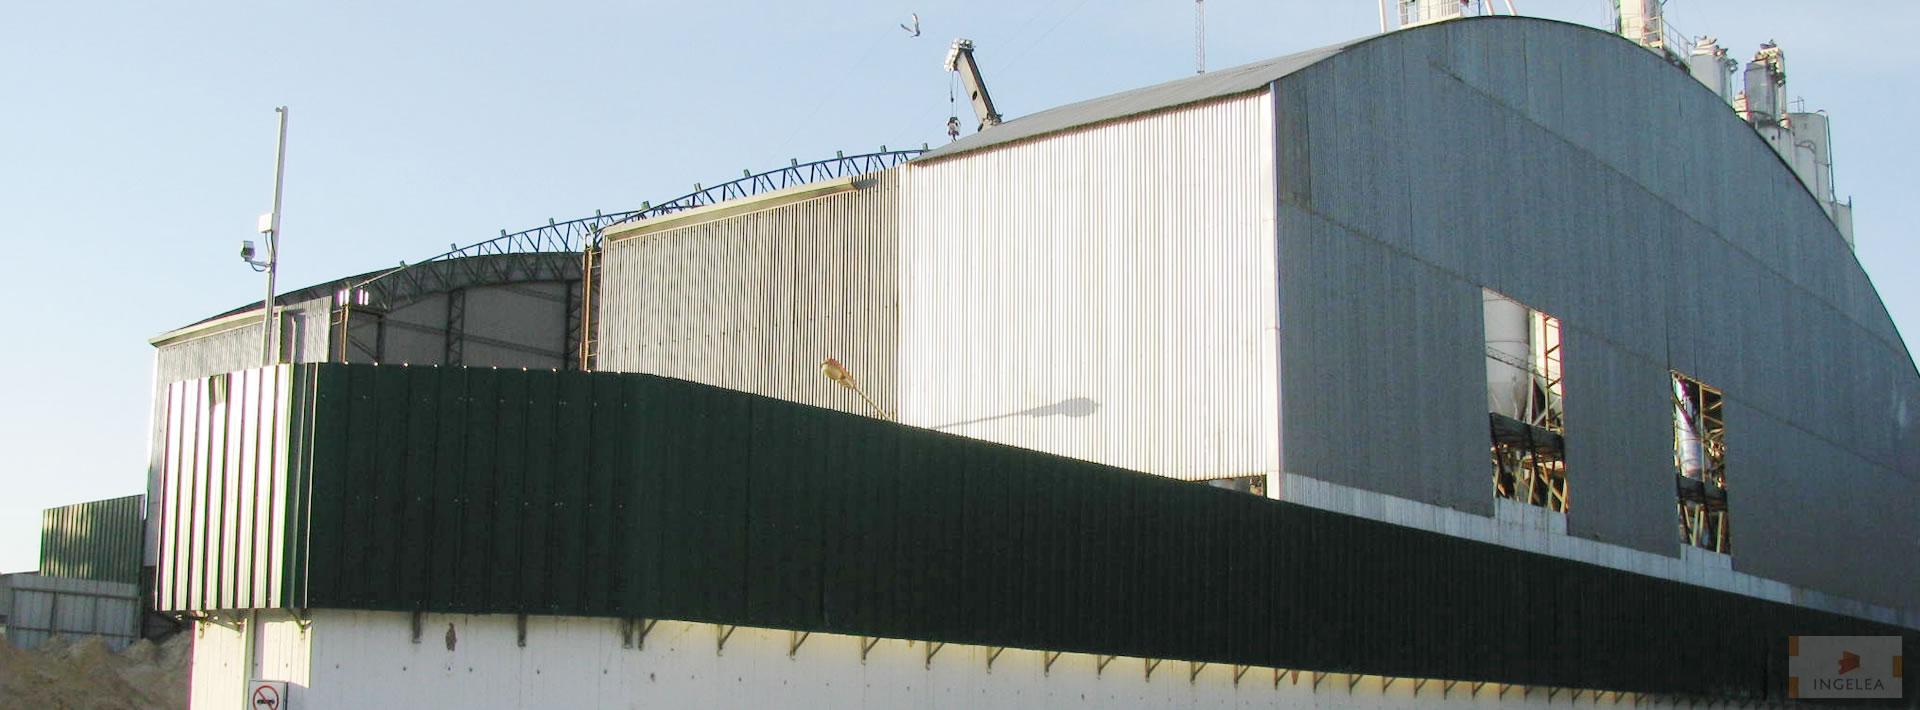 Ingelea construcci n de techos for Construccion de galpones